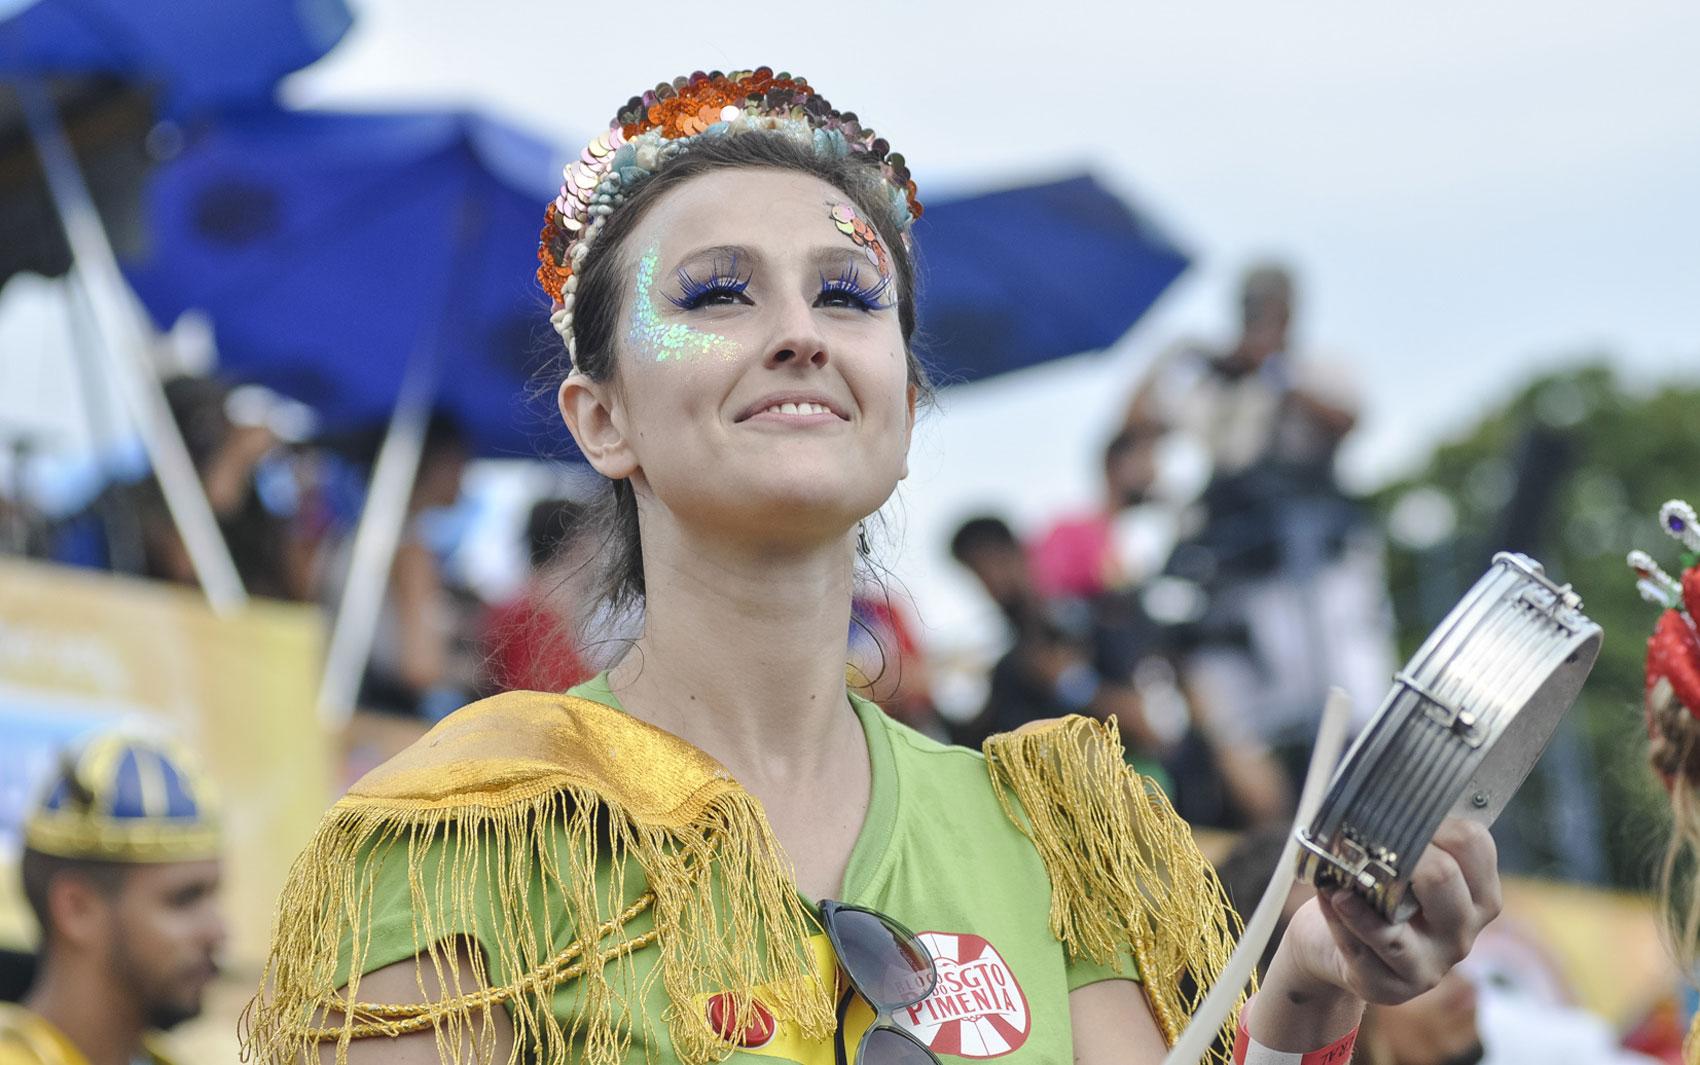 Integrante da banda do Sargento Pimenta se apresenta com bloco nesta segunda-feira (3) no Rio